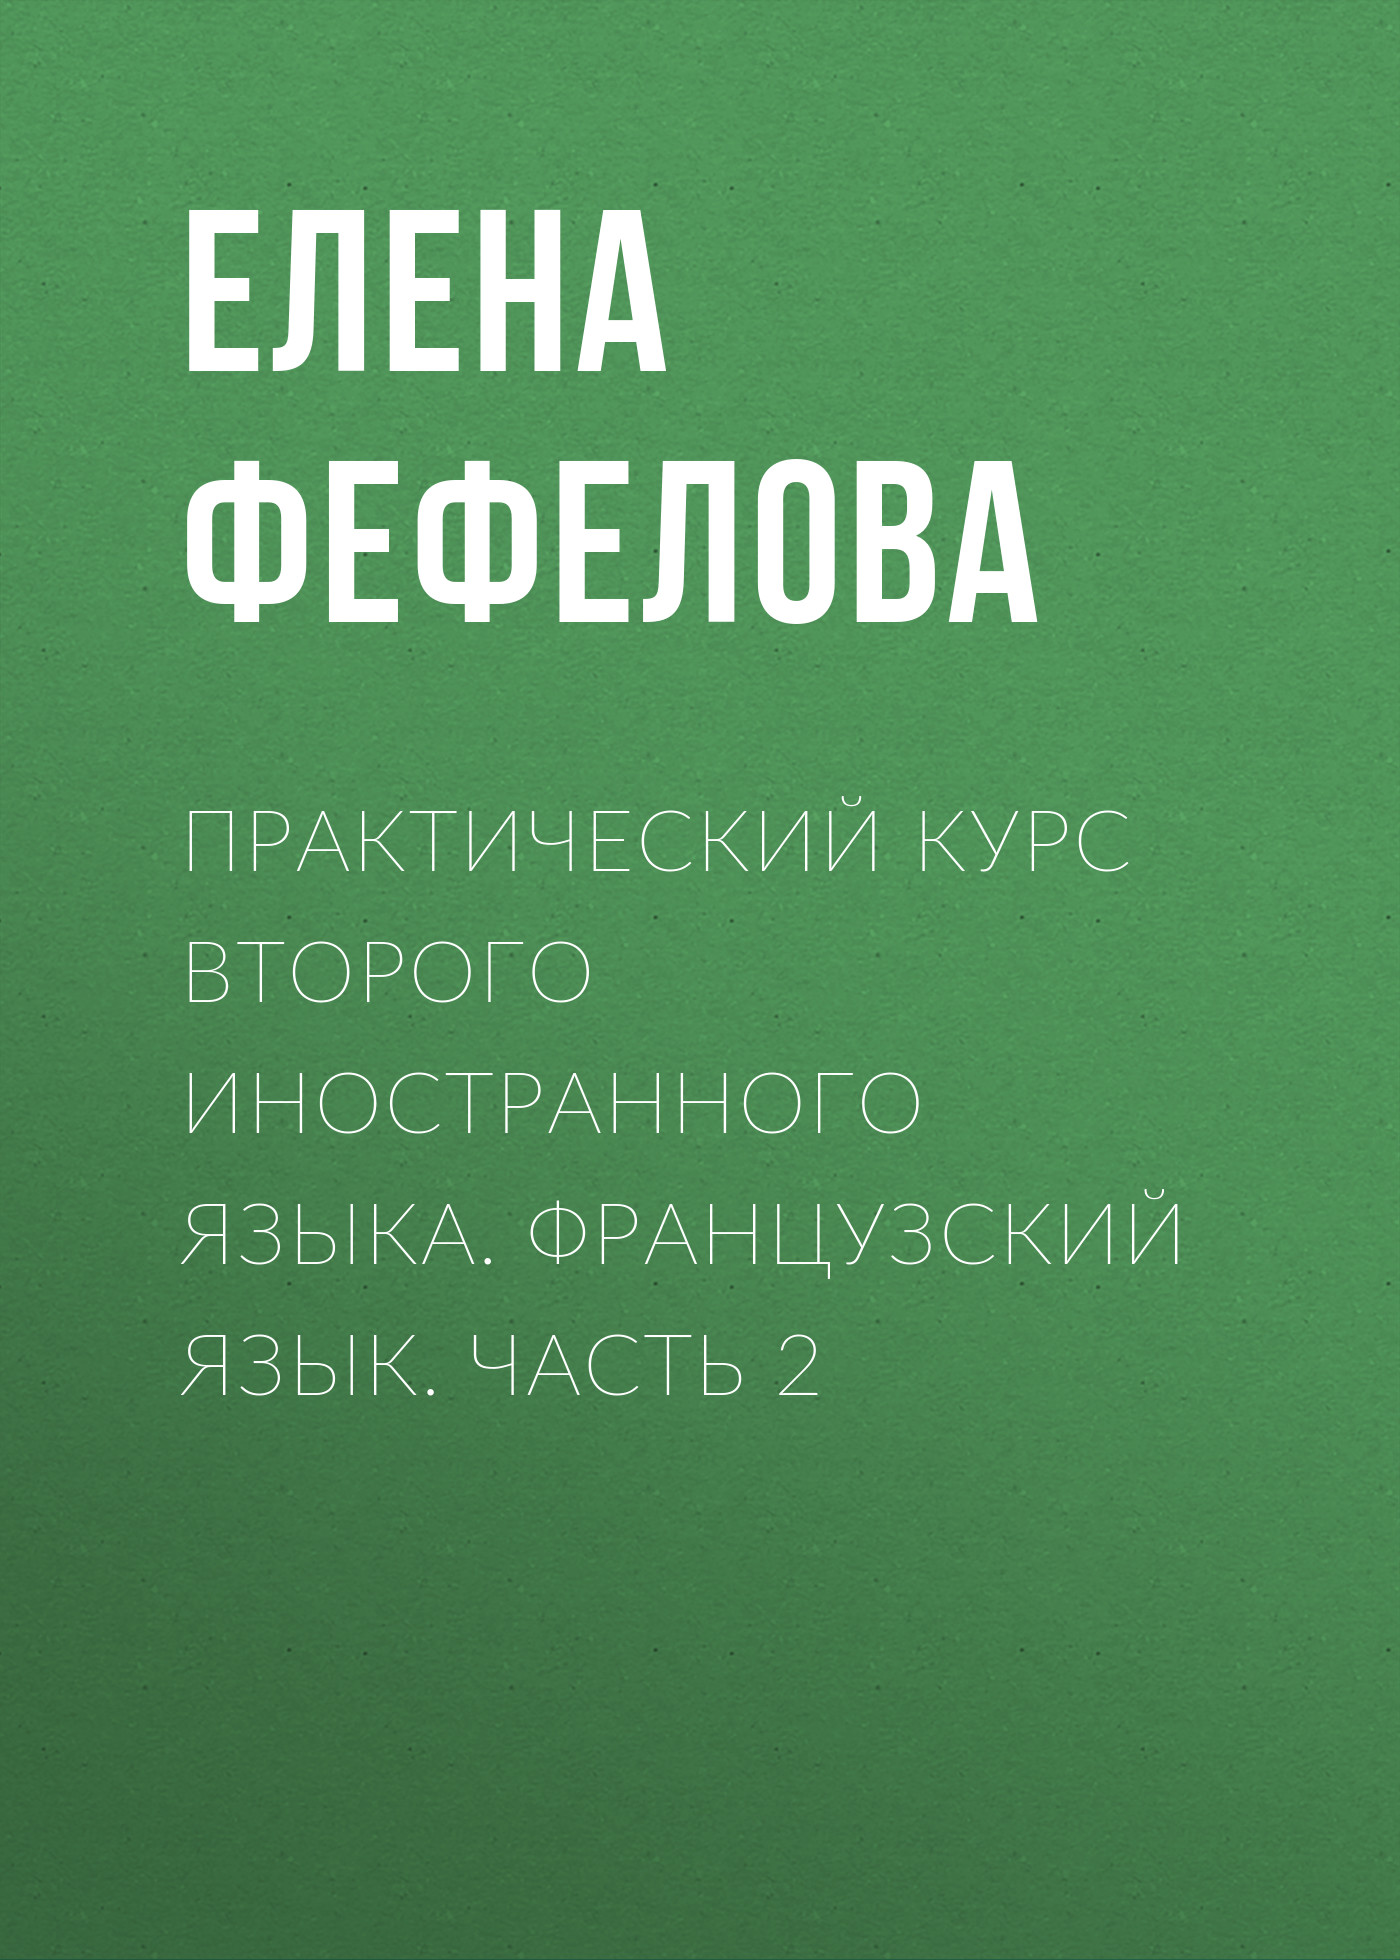 Елена Фефелова Практический курс второго иностранного языка. Французский язык. Часть 2 цена